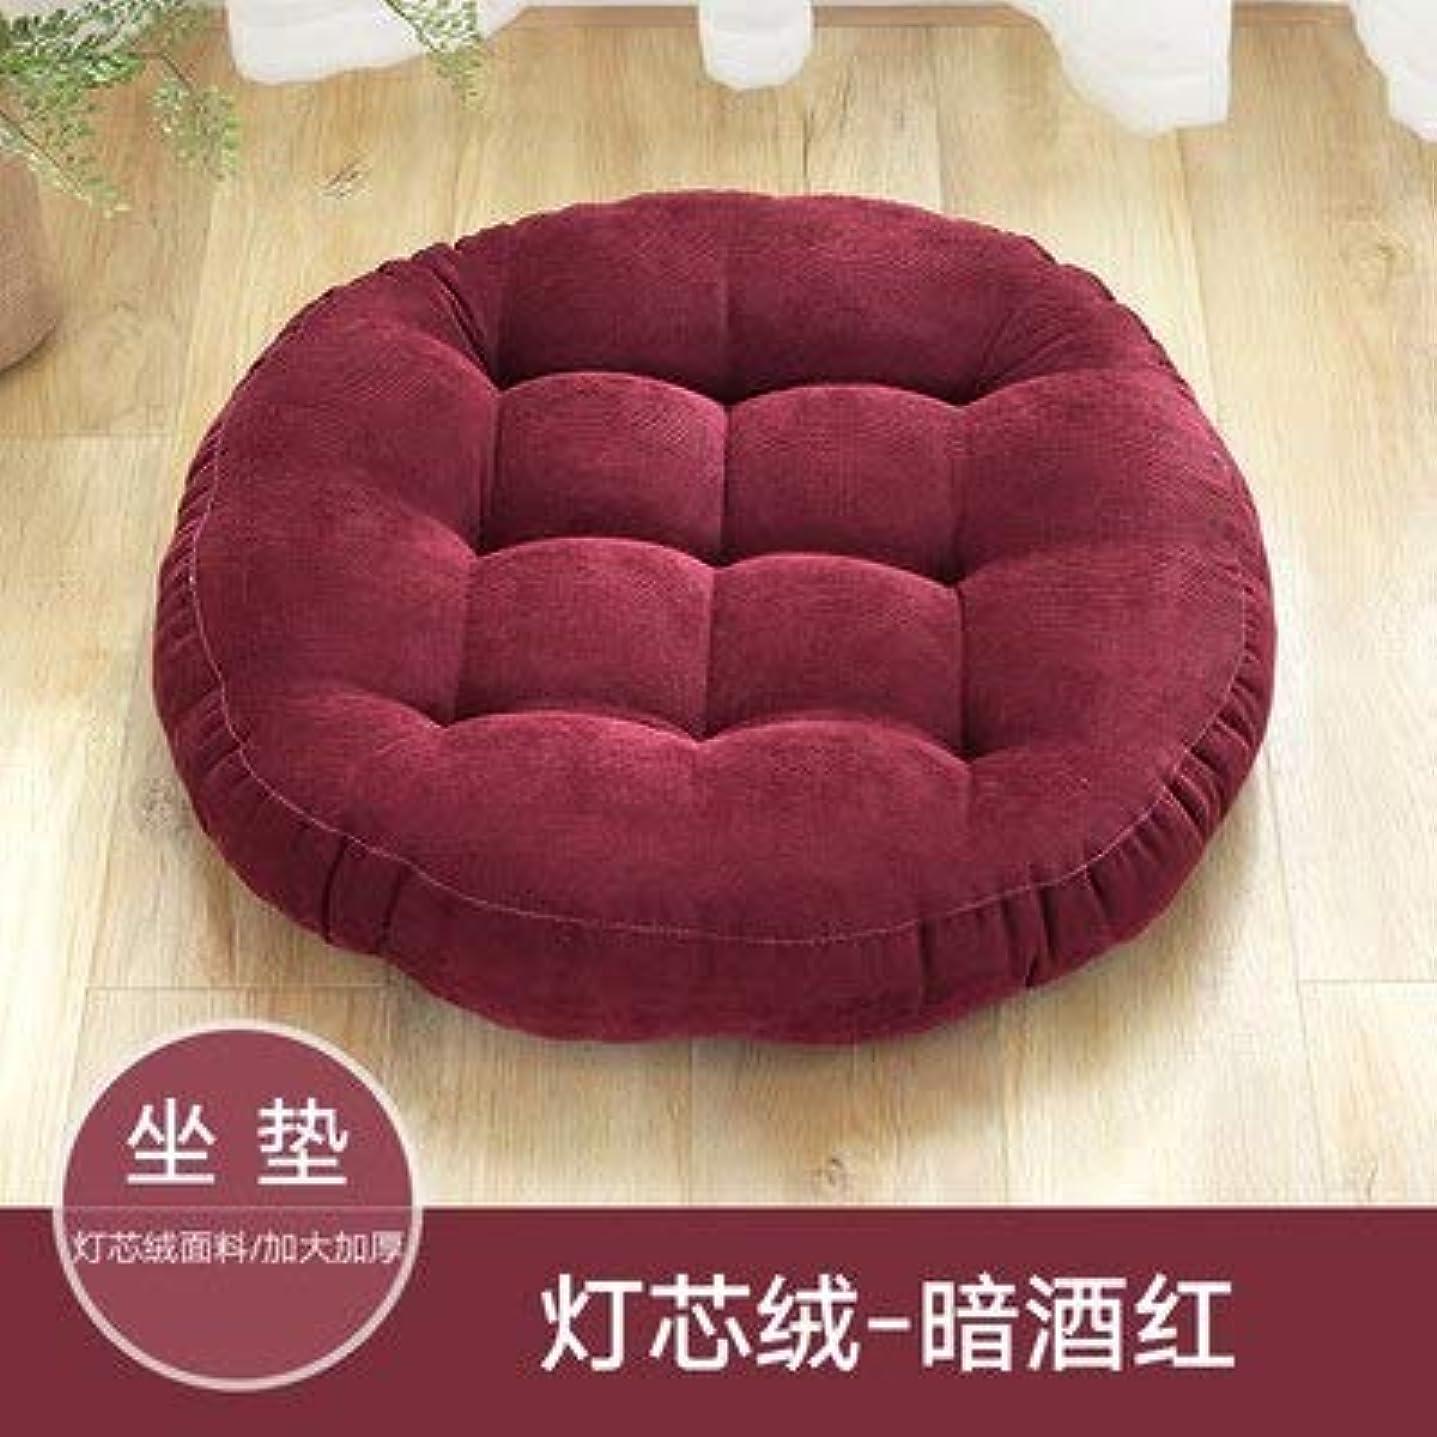 ボスそのような被害者LIFE ラウンド厚い椅子のクッションフロアマットレスシートパッドソフトホームオフィスチェアクッションマットソフトスロー枕最高品質の床クッション クッション 椅子